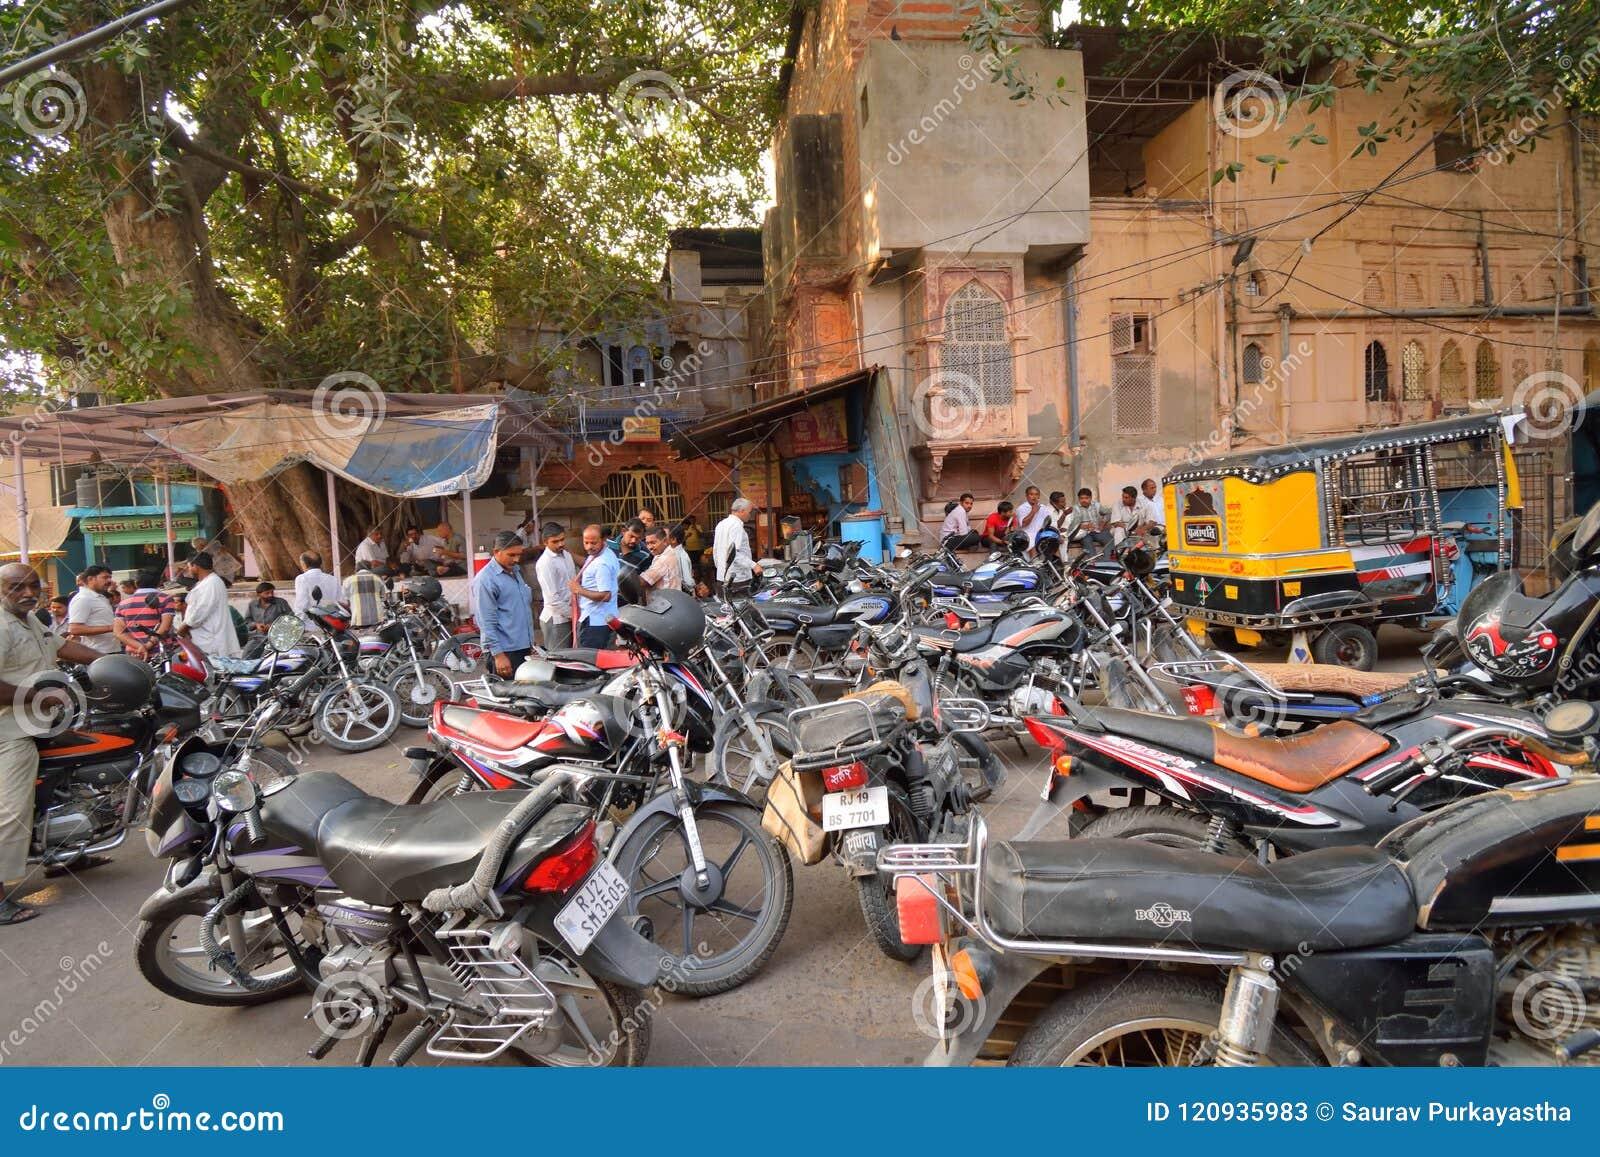 Gran número de motocicletas parqueadas en el camino